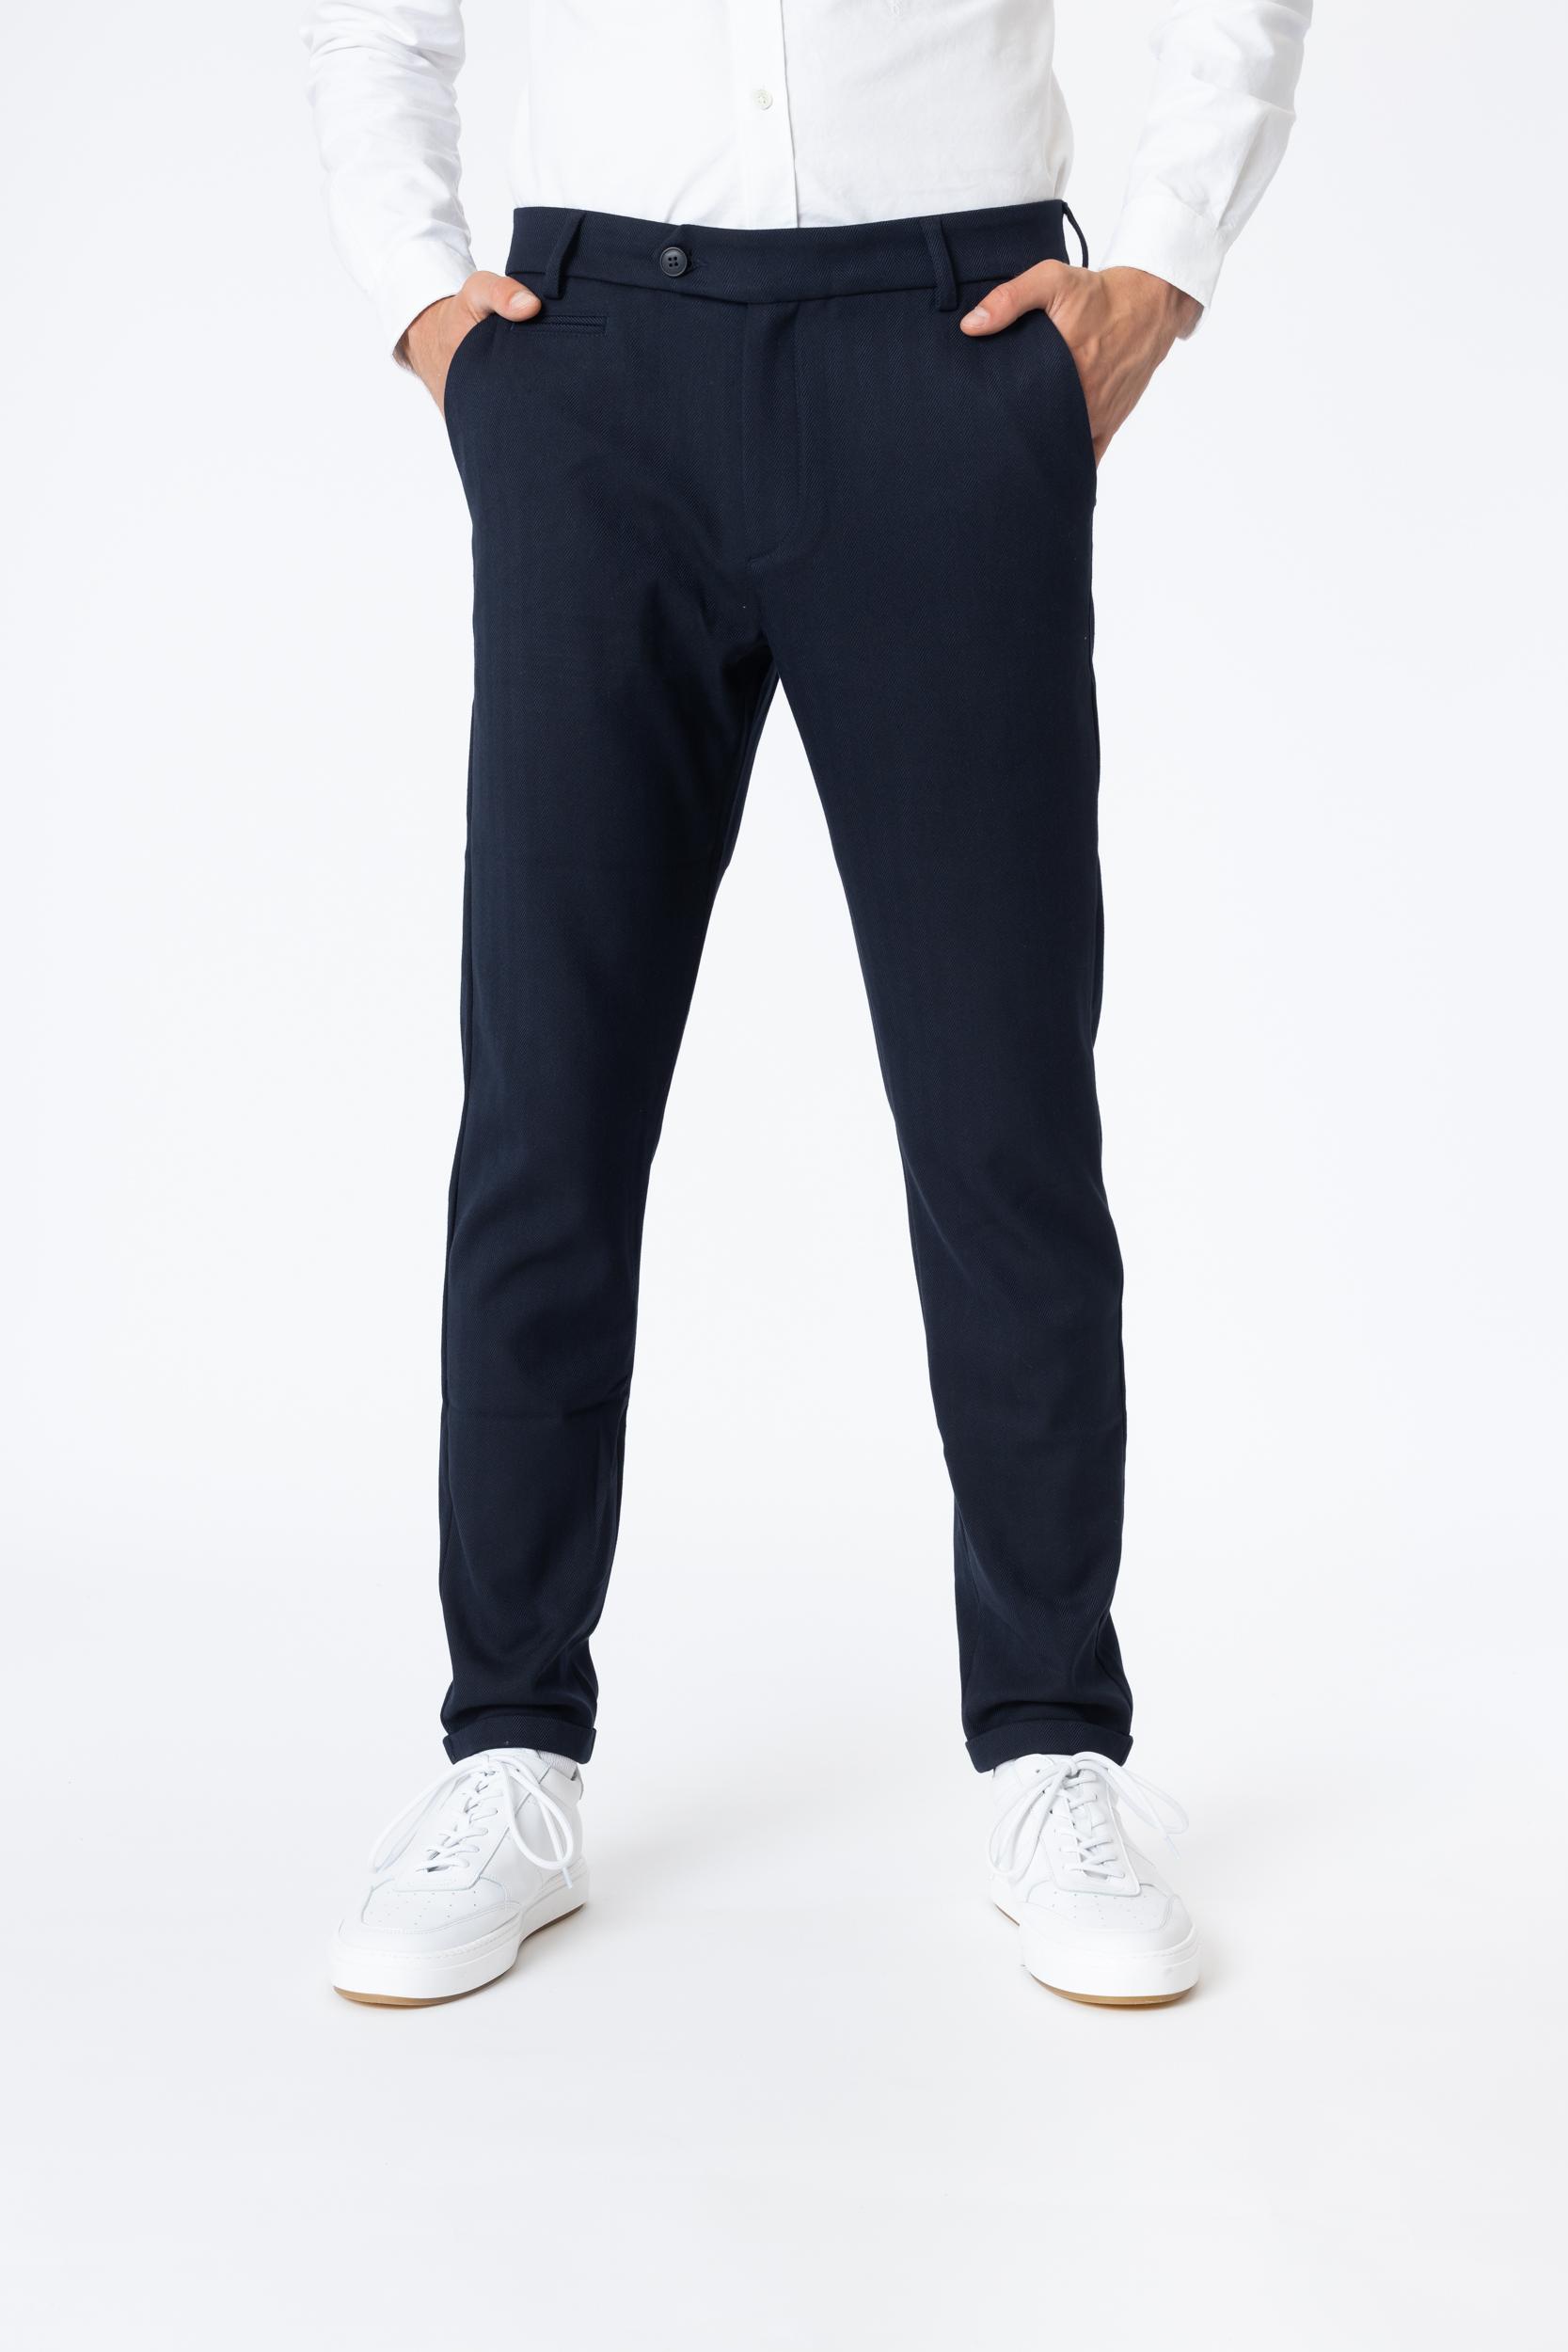 Suit Pants Malus